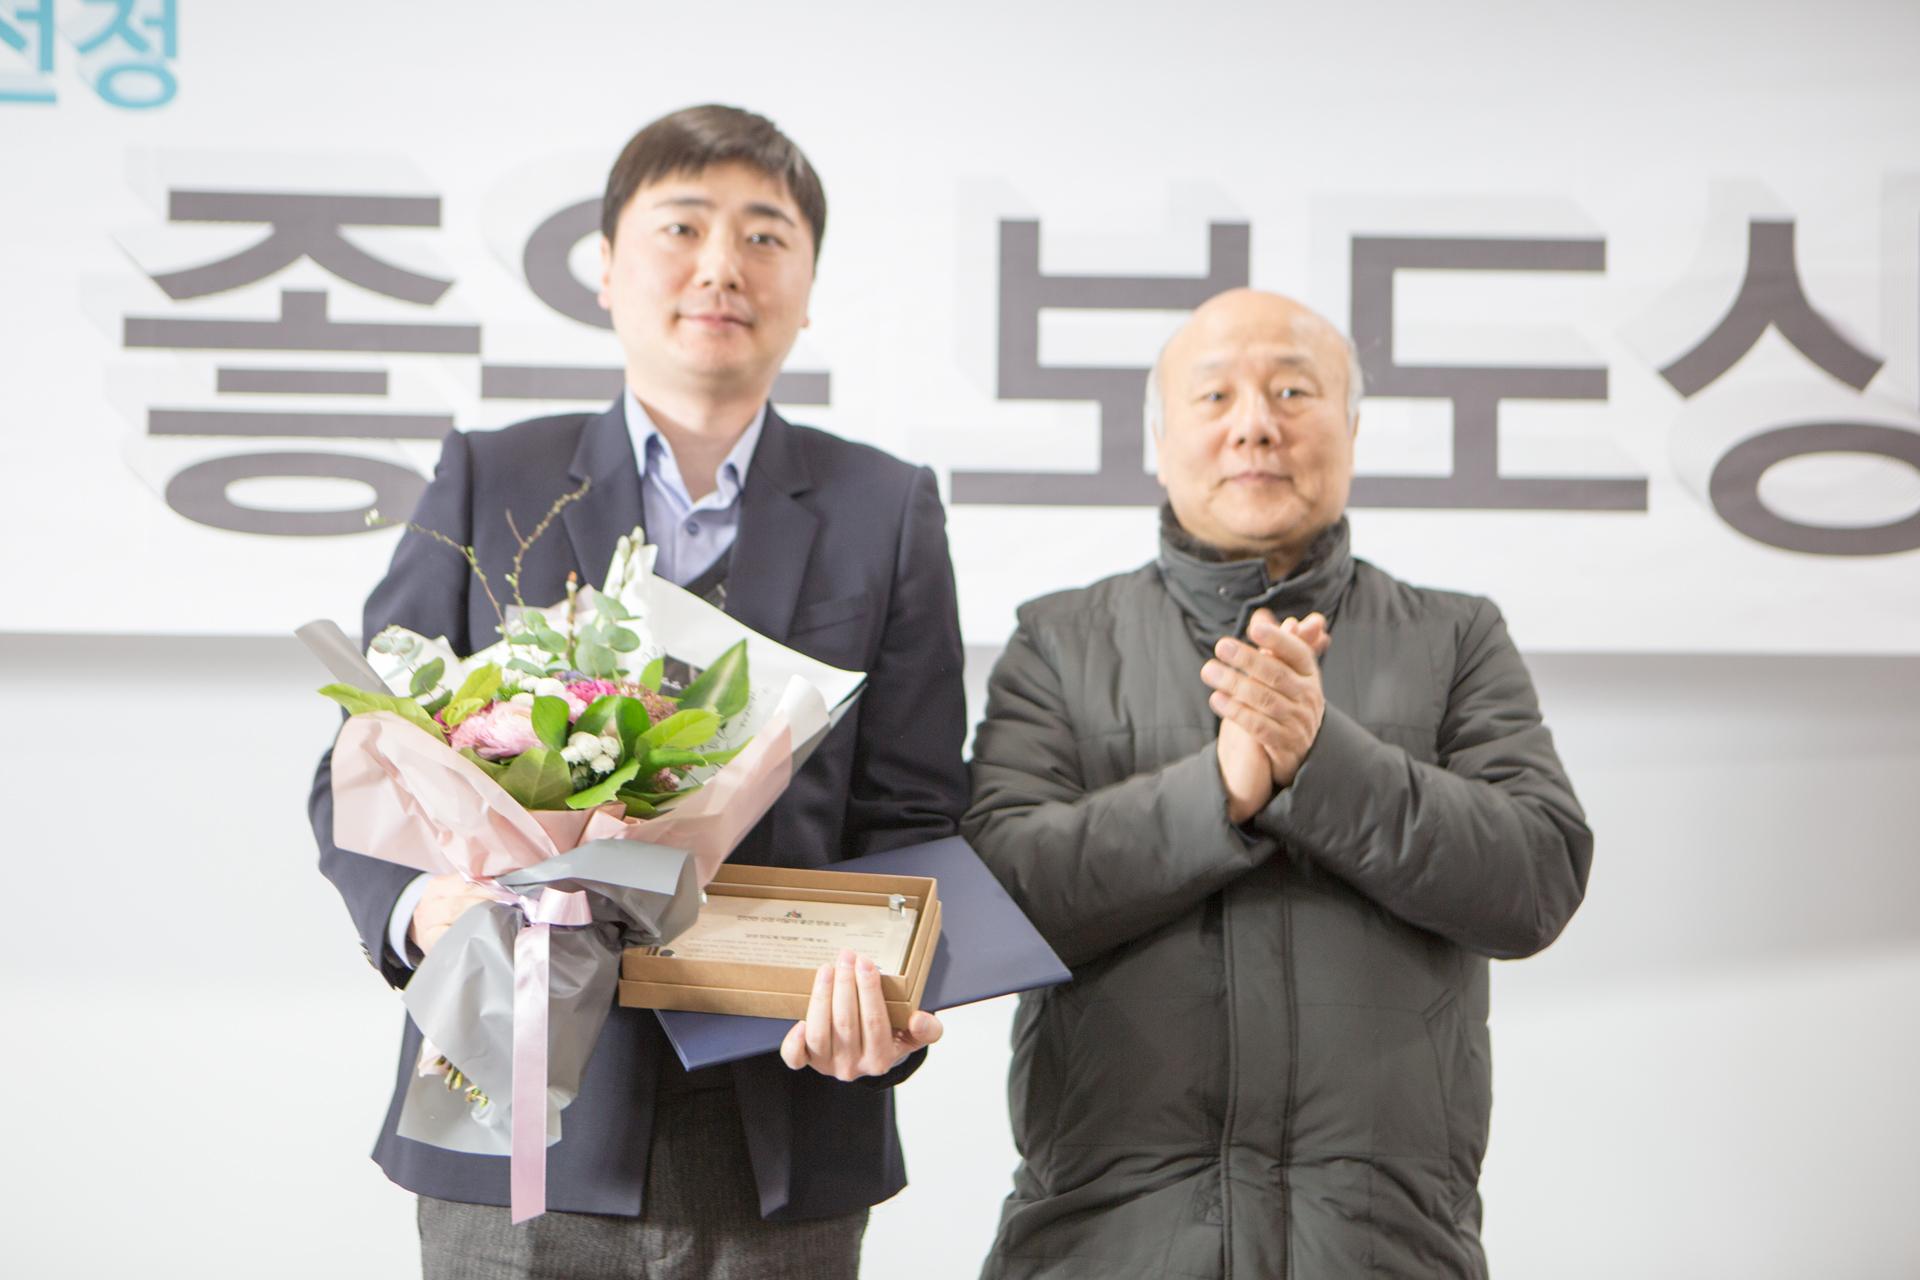 11월12월_좋은보도시상식02.jpg